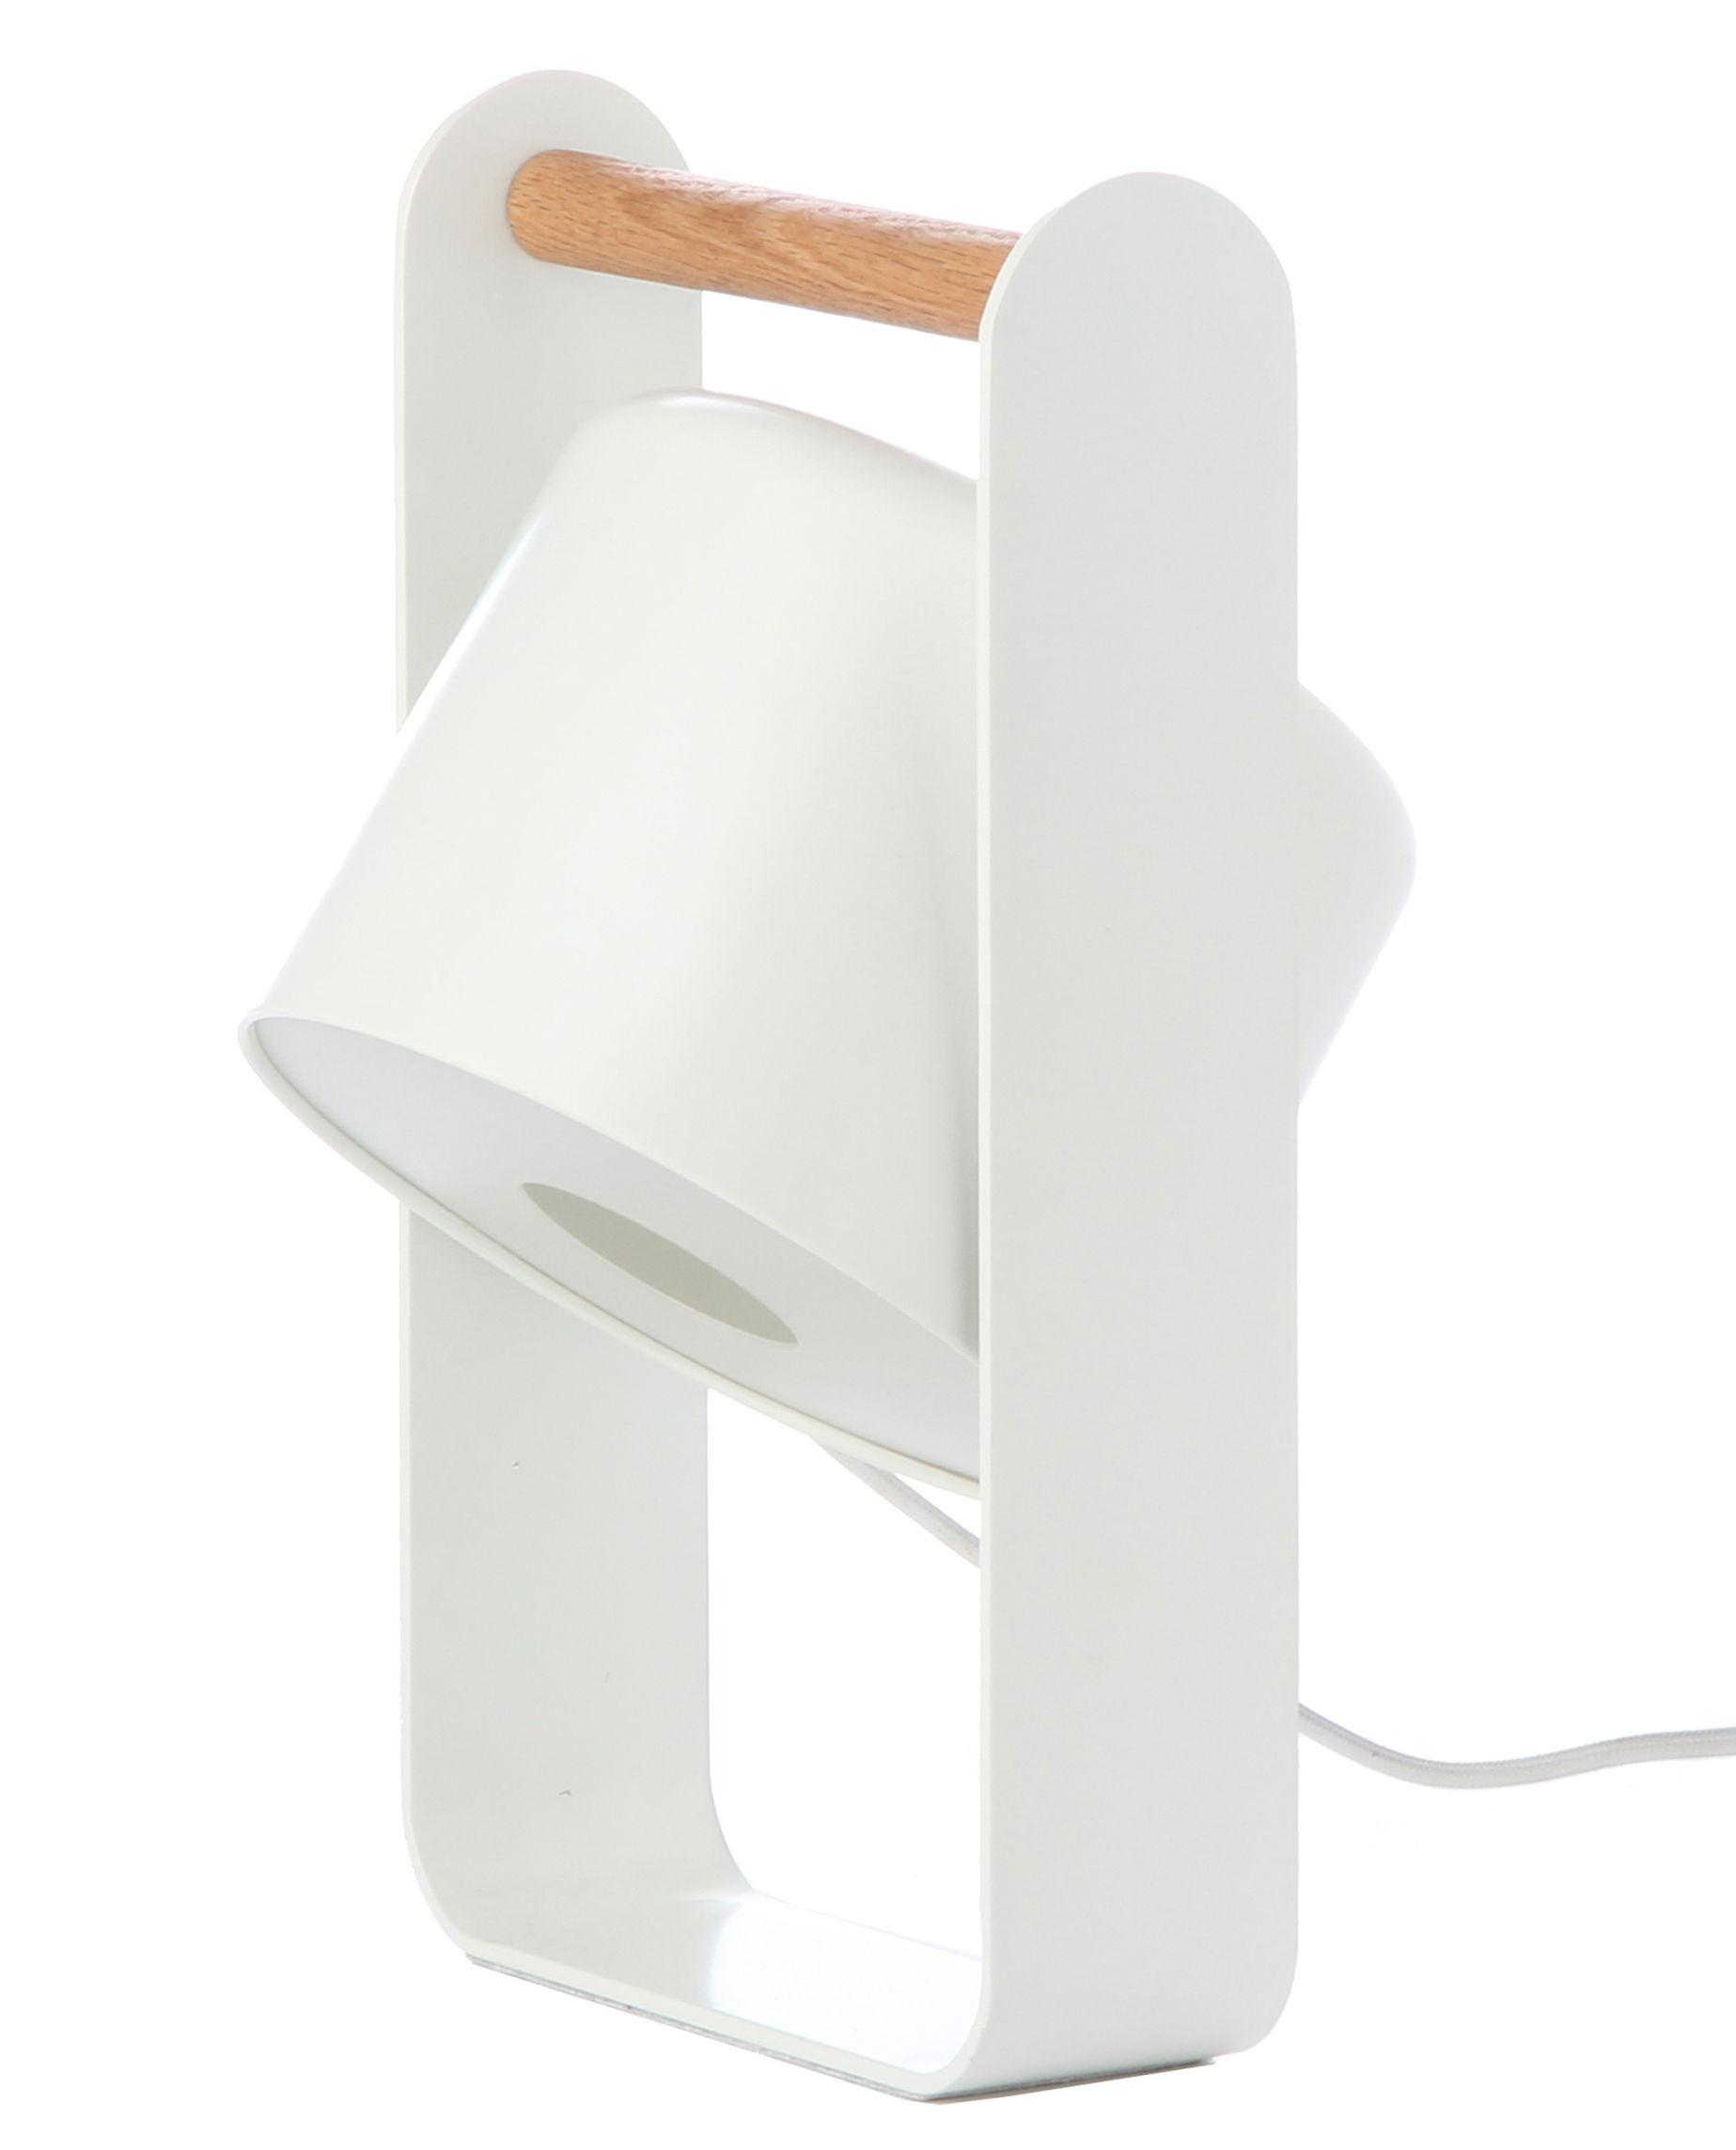 Luminaire - Lampes de table - Lampe de table Sphere / Diffuseur orientable - Frandsen - Blanc mat - Chêne, Métal laqué